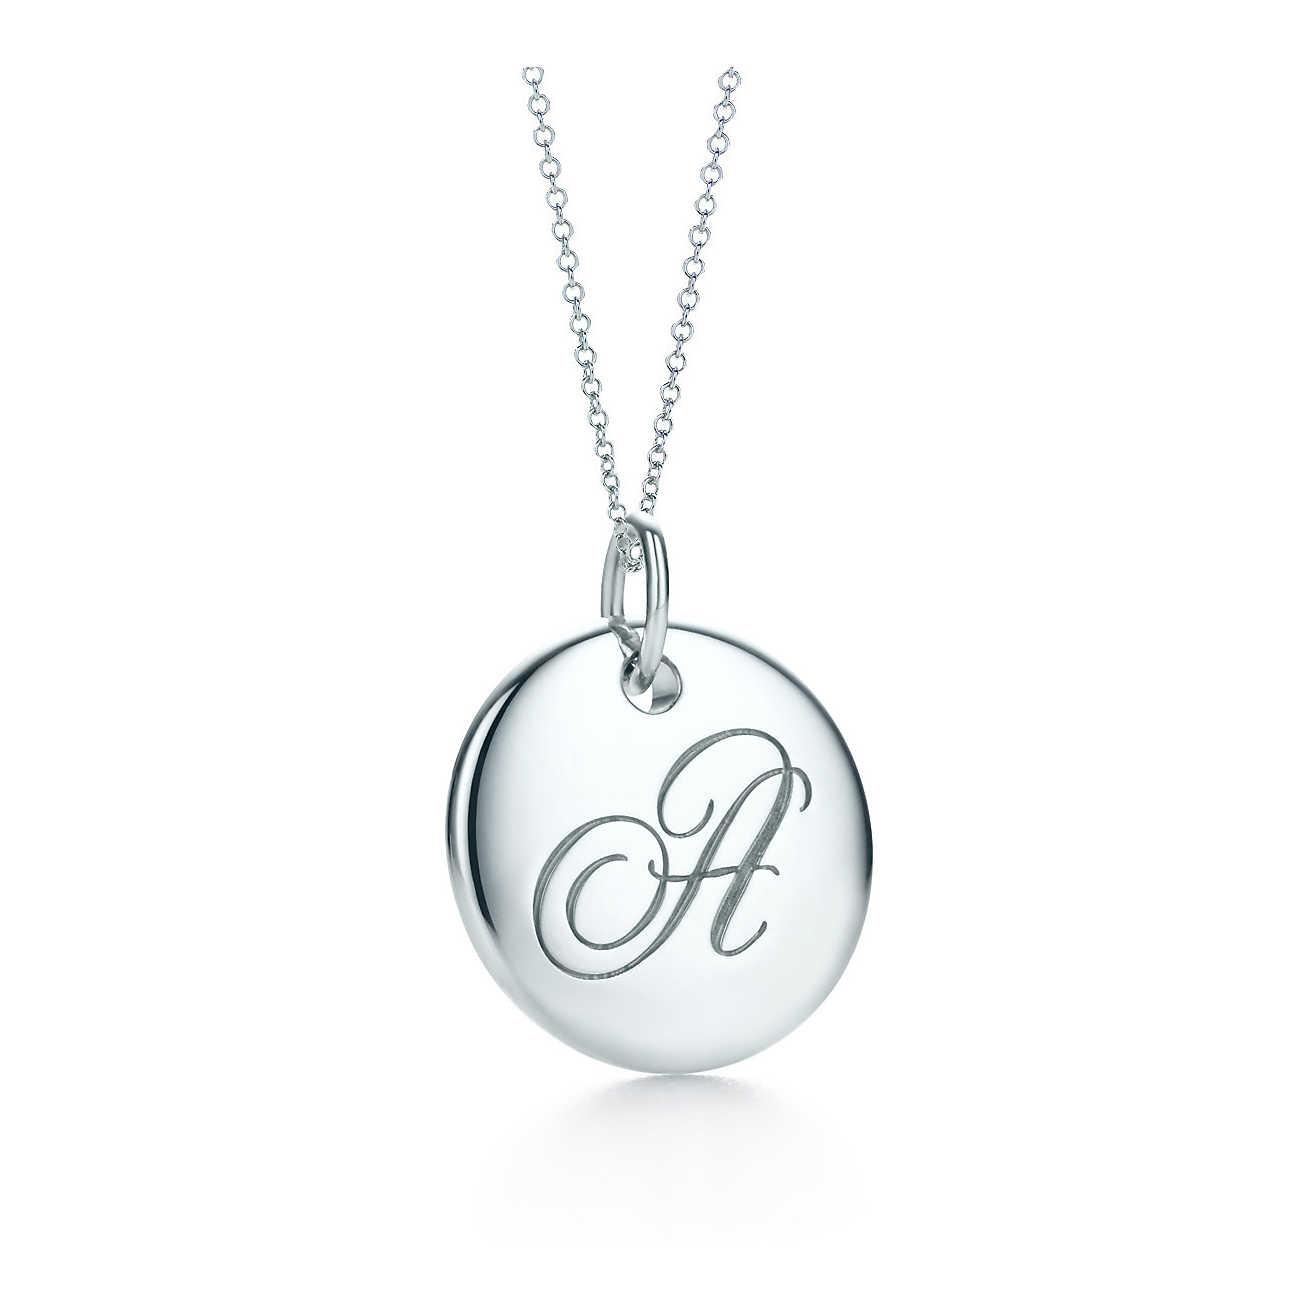 美國百分百【全新真品】Tiffany & Co. 項鍊 字母 圓形 鍊墜 純銀 墜飾 吊飾 銀飾 禮物 精品 C666